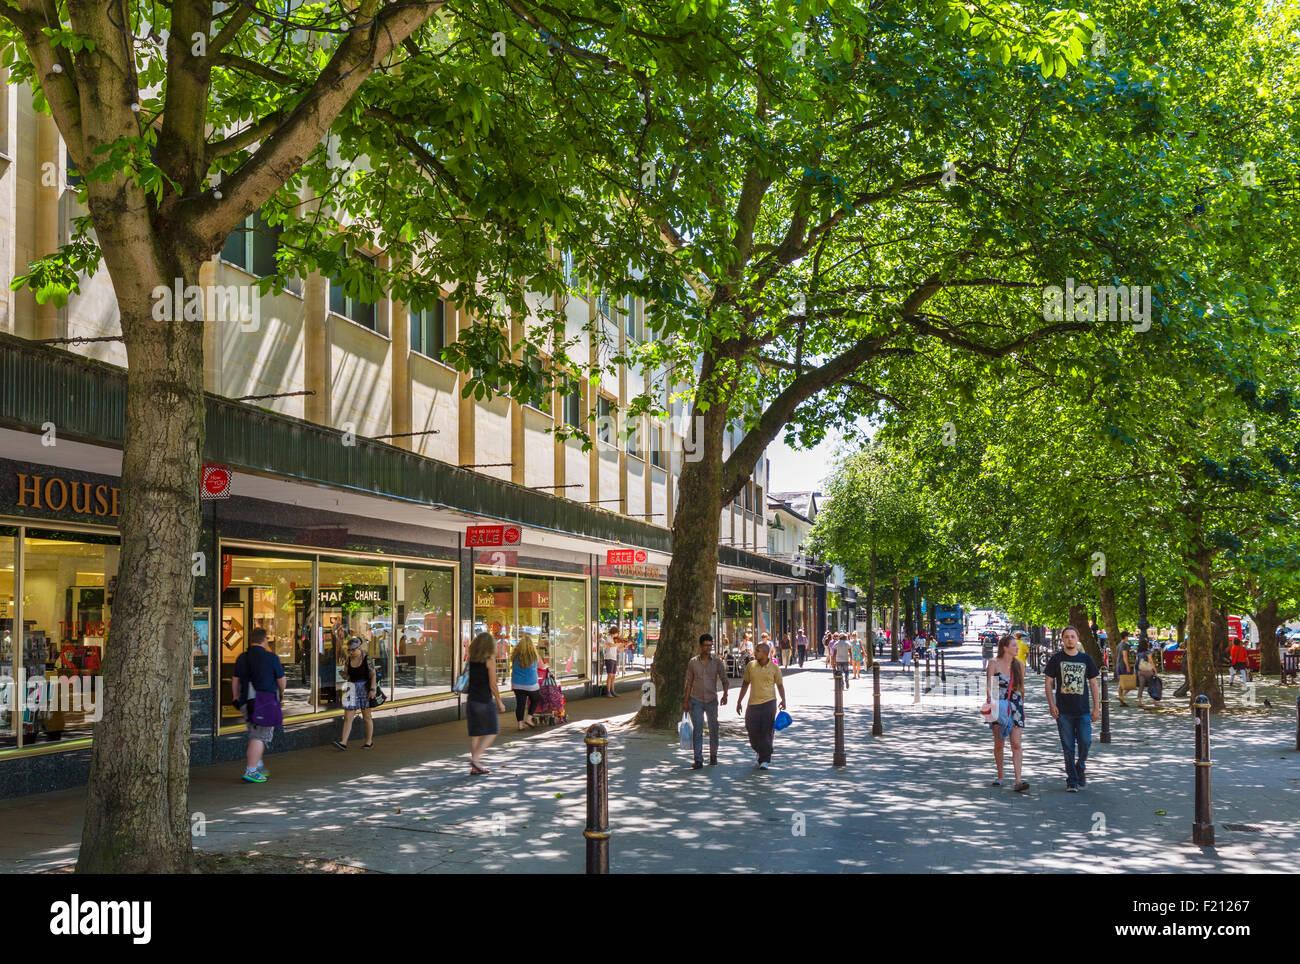 Shops on The Promenade, Cheltenham, Gloucestershire, England, UK - Stock Image